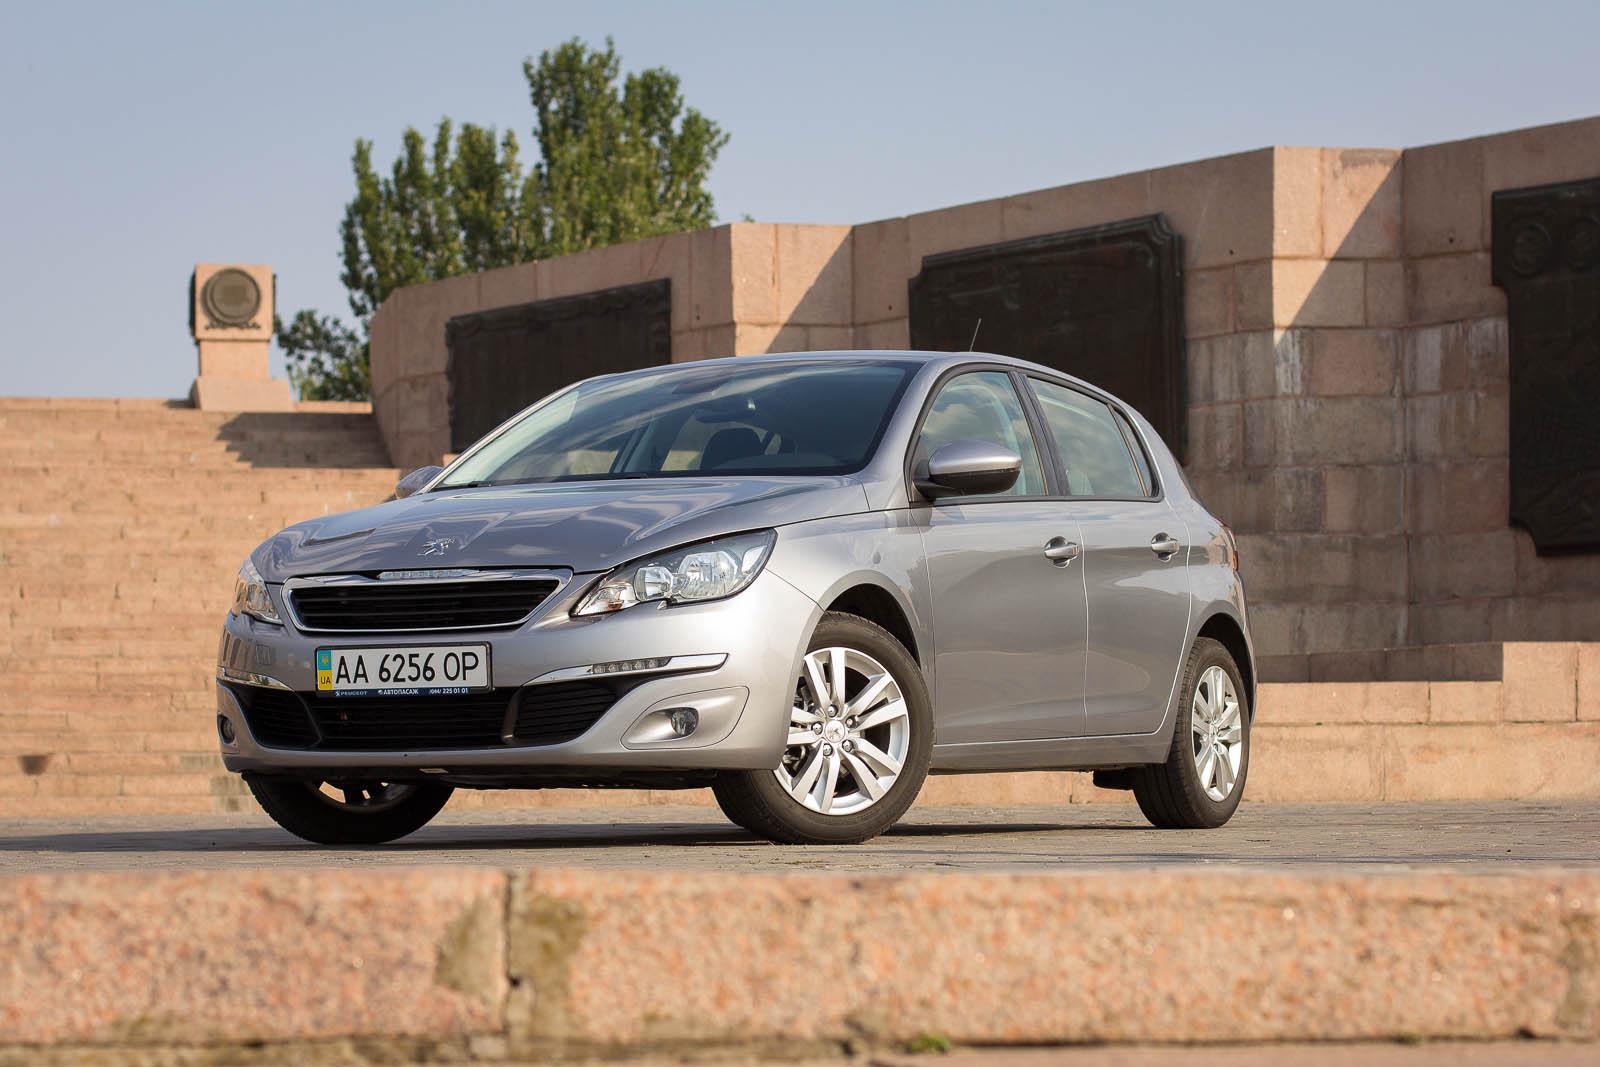 Тест-драйв Peugeot 308 - туда и обратно!